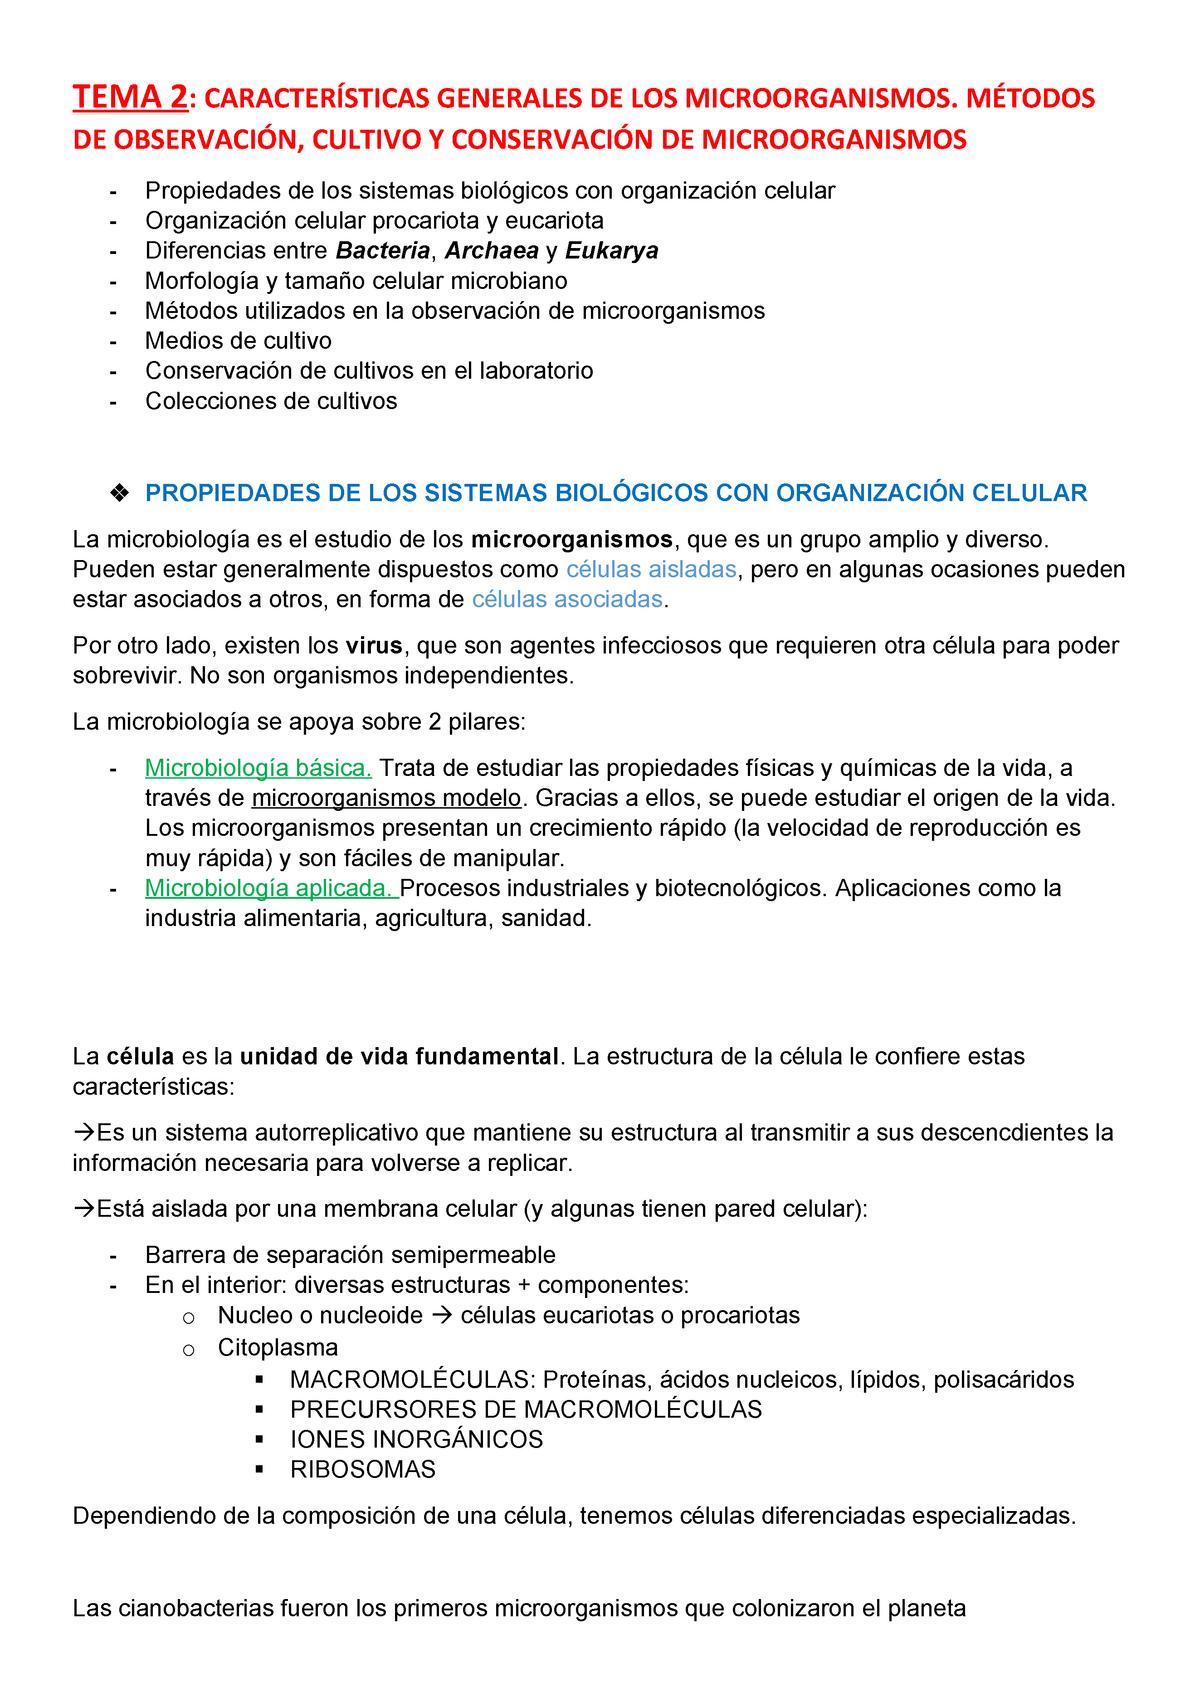 Tema 2 Microbiologia Apuntes 2 Microbiología 6922 Uco